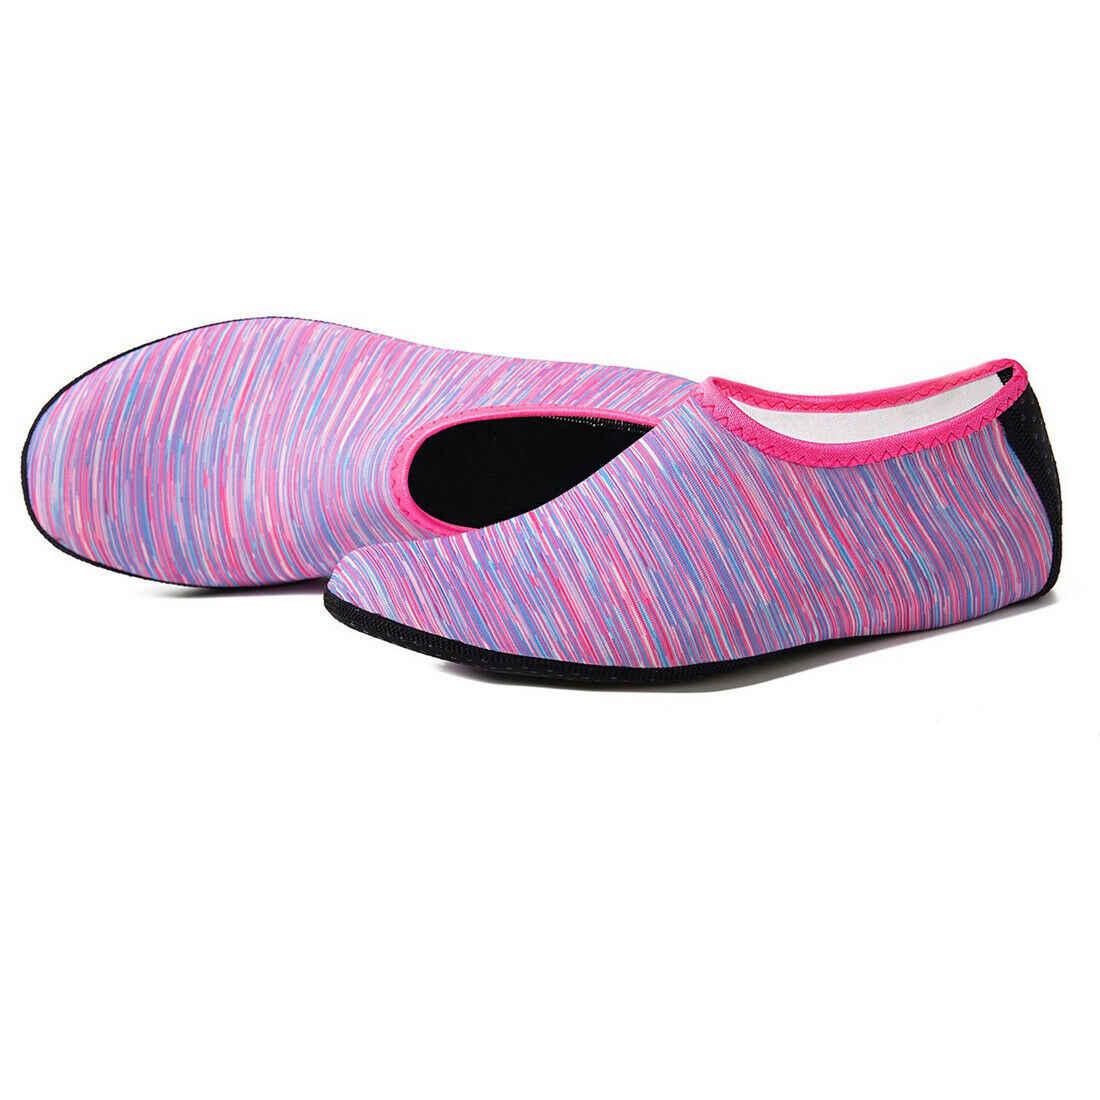 2019 Yeni Unisex Yalınayak Su Cilt Ayakkabı Aqua Çorap Plaj Yüzmek Sörf Yoga Egzersiz spor çorapları